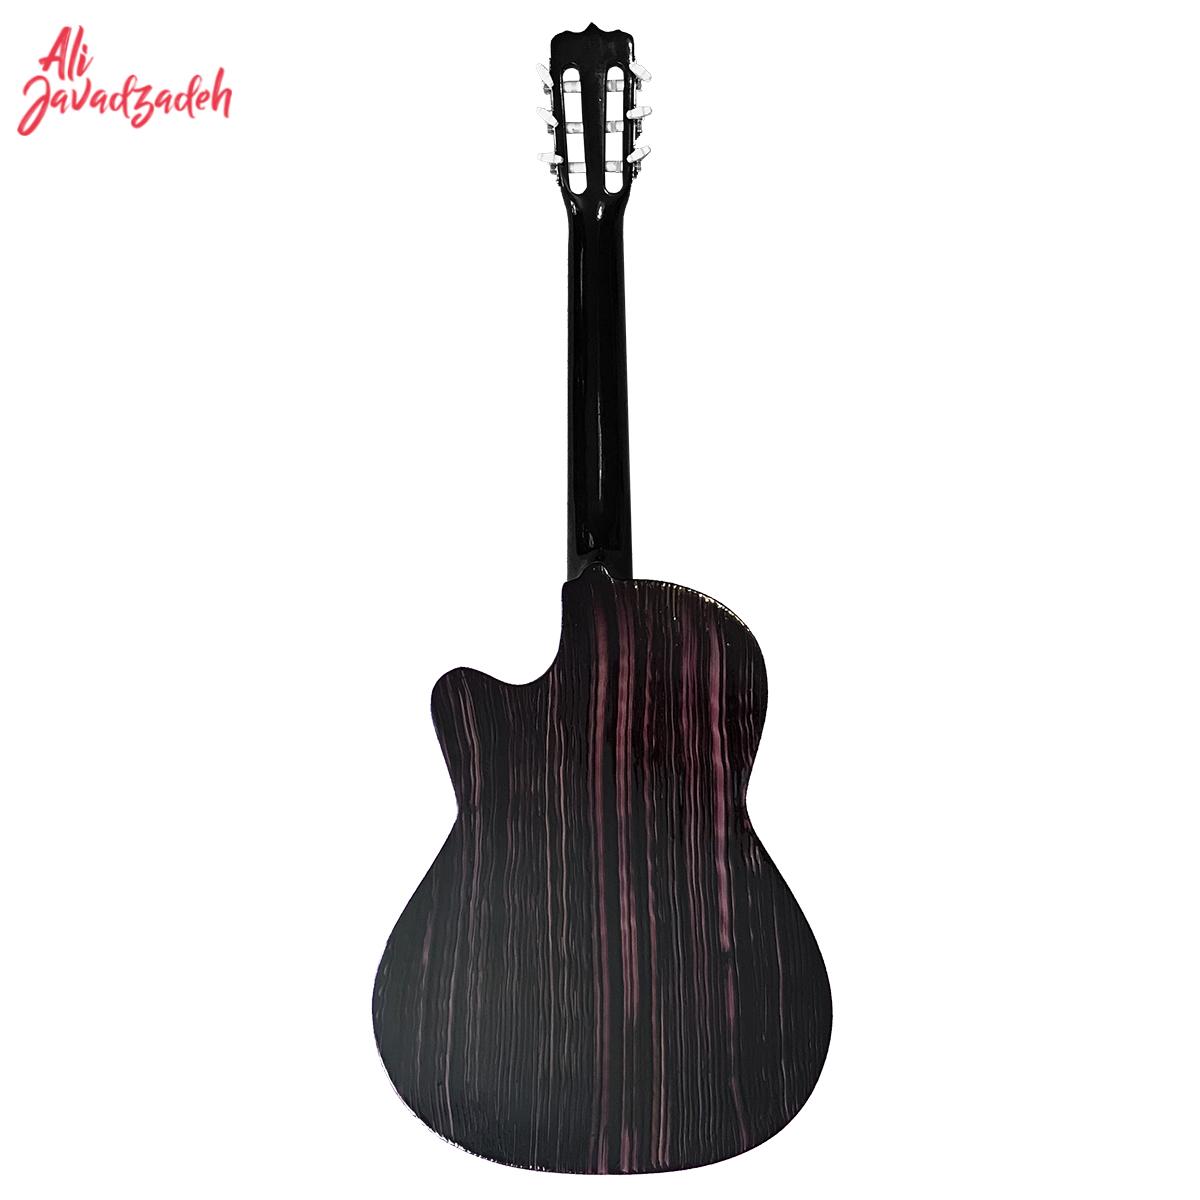 گیتار کلاسیک علی جوادزاده مدل 1C-7